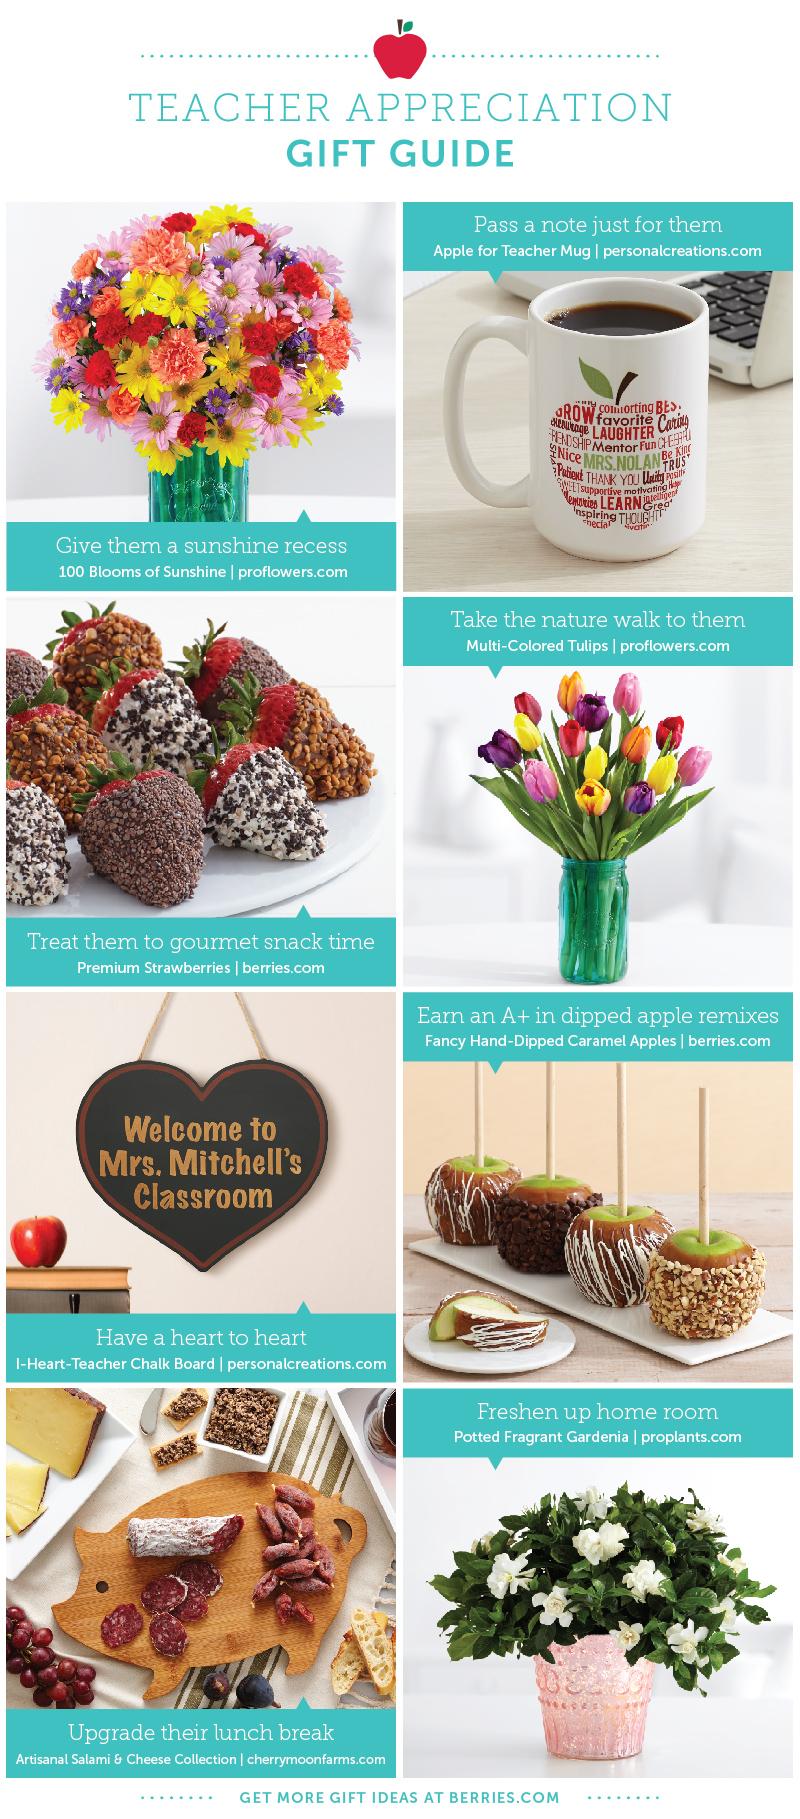 Teacher Apprecation Gift Guide